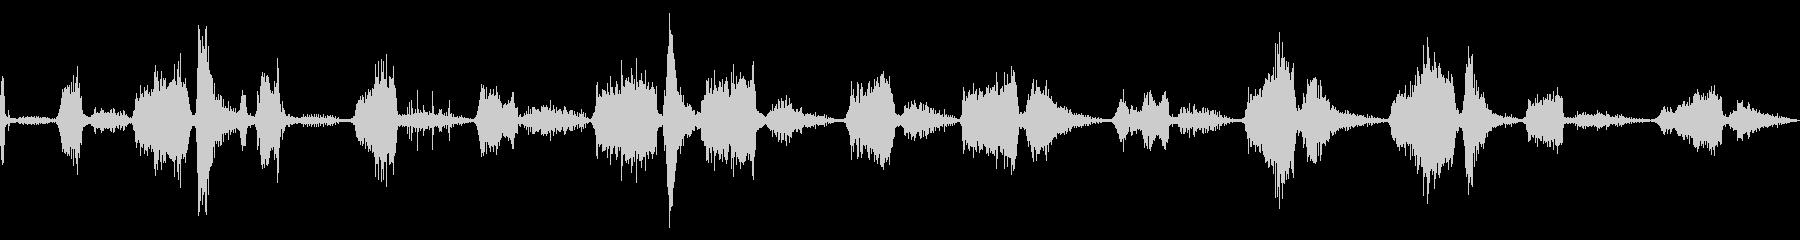 チャフスとスナール、キャットワイル...の未再生の波形